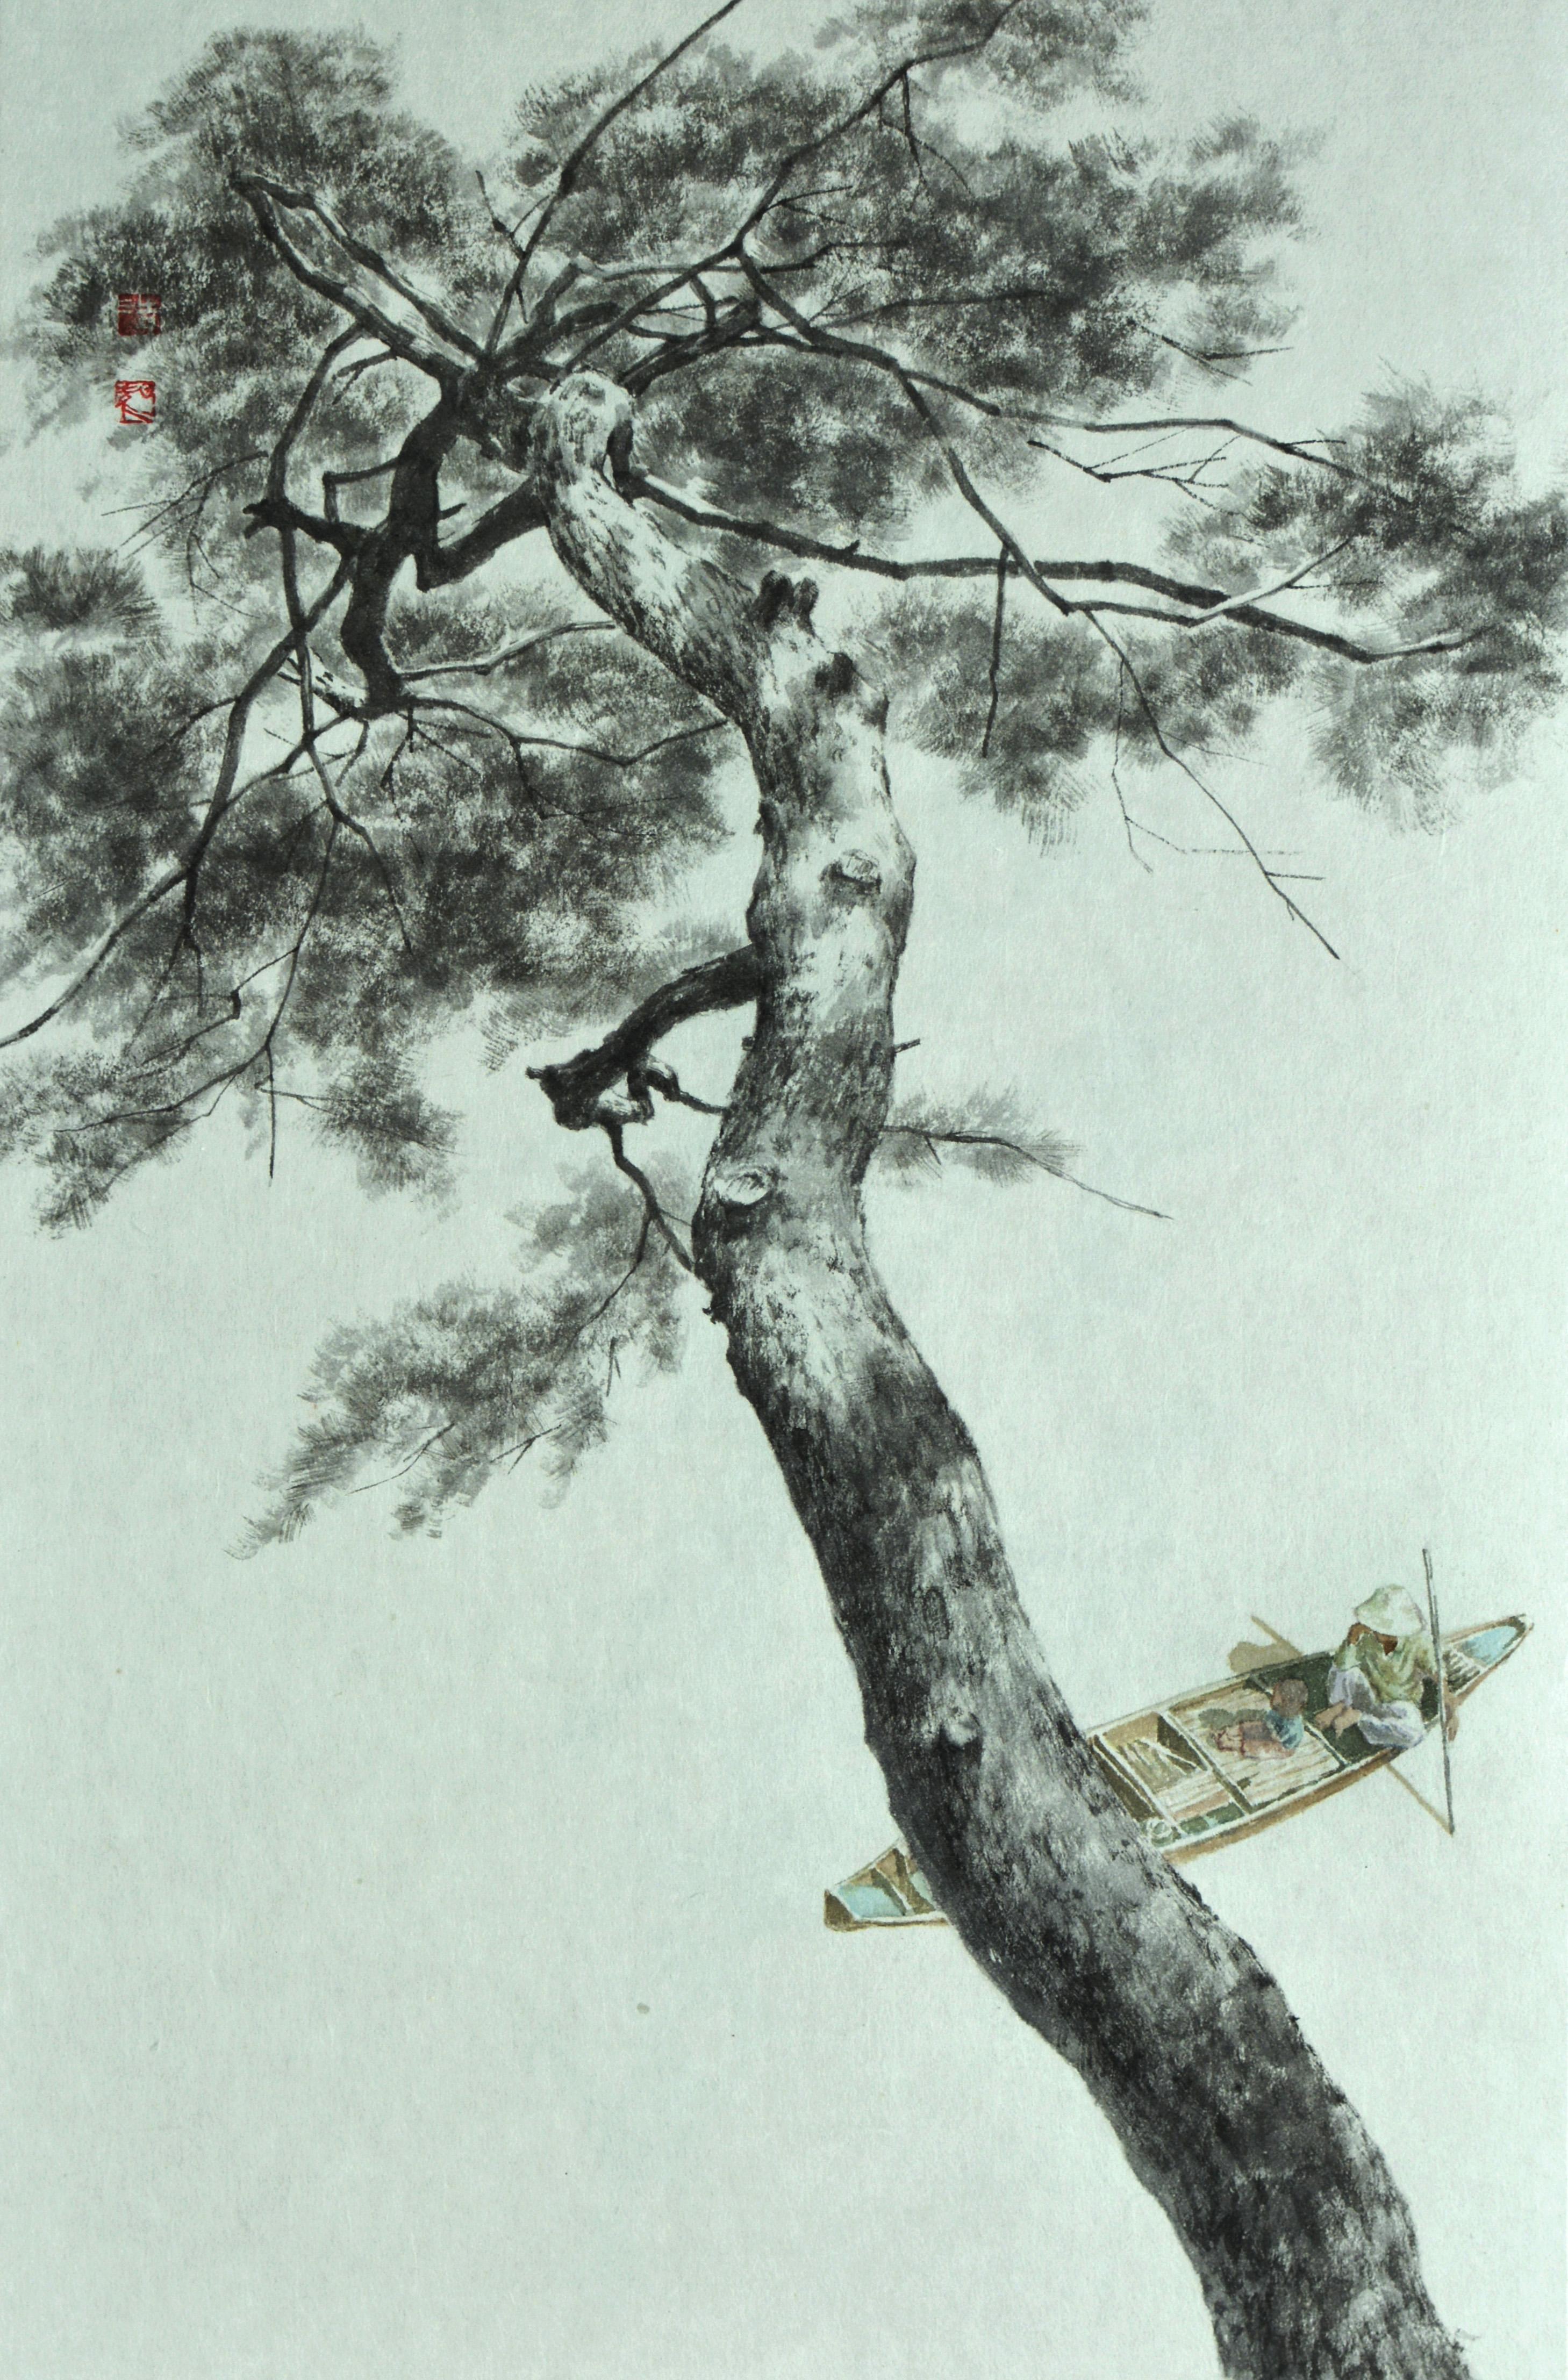 송승호1, 정 情, 35.2 x 53.0 cm, 한지에 수묵, 2020.